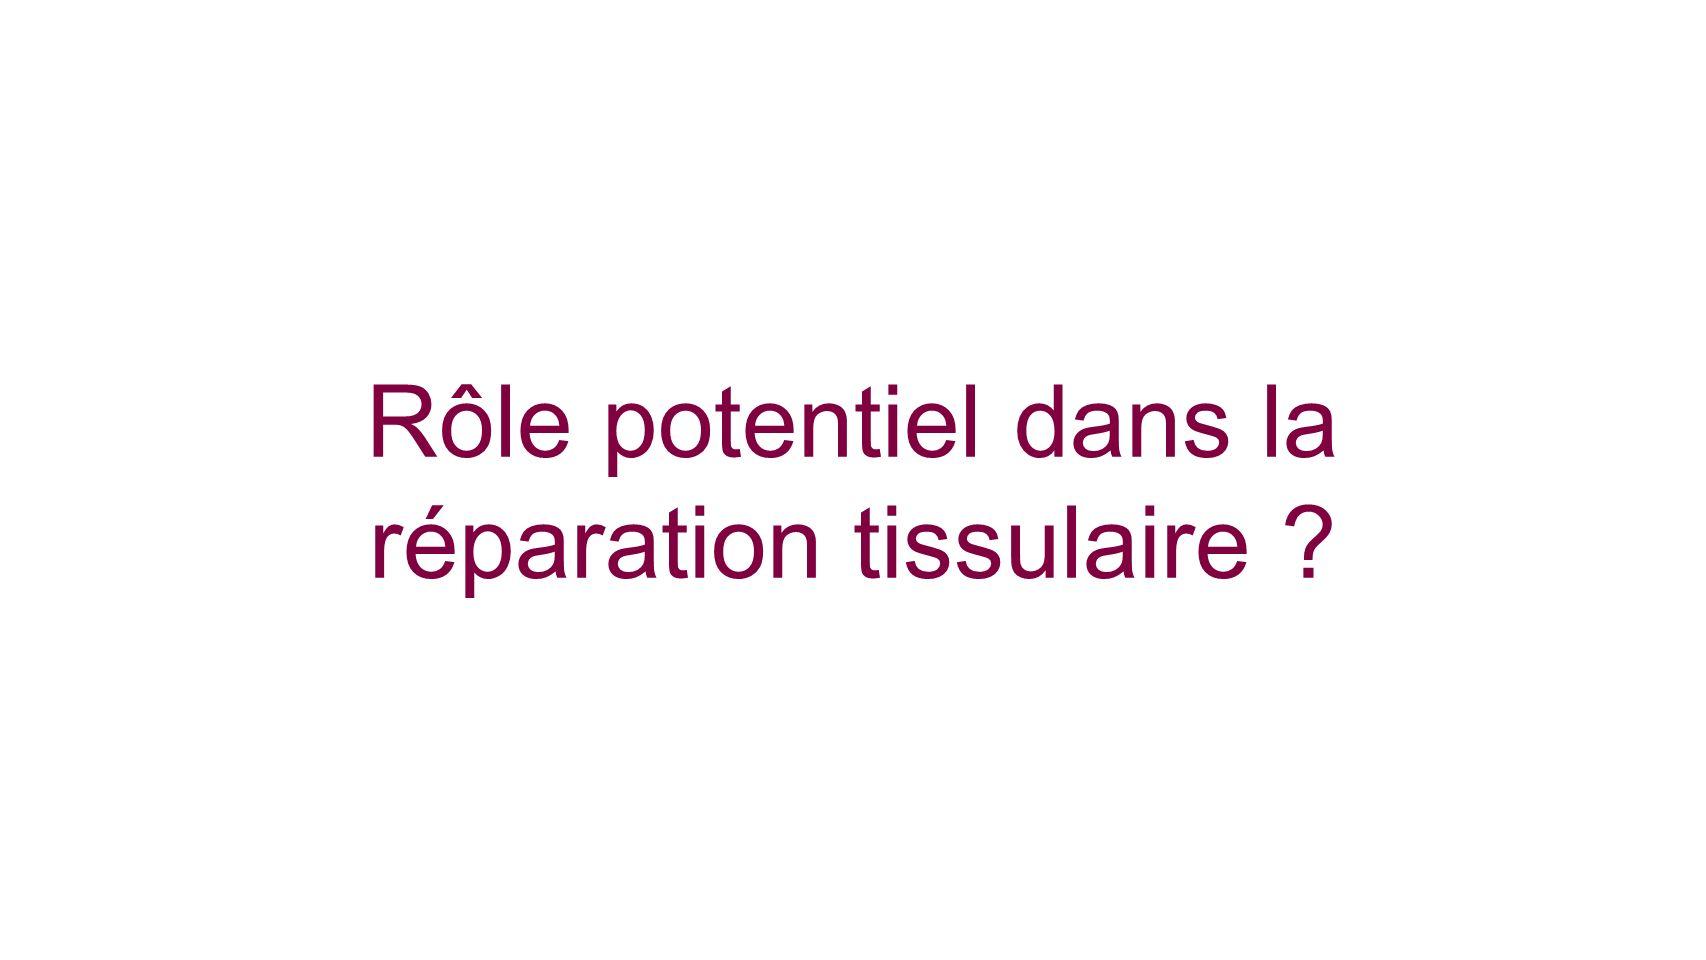 Rôle potentiel dans la réparation tissulaire